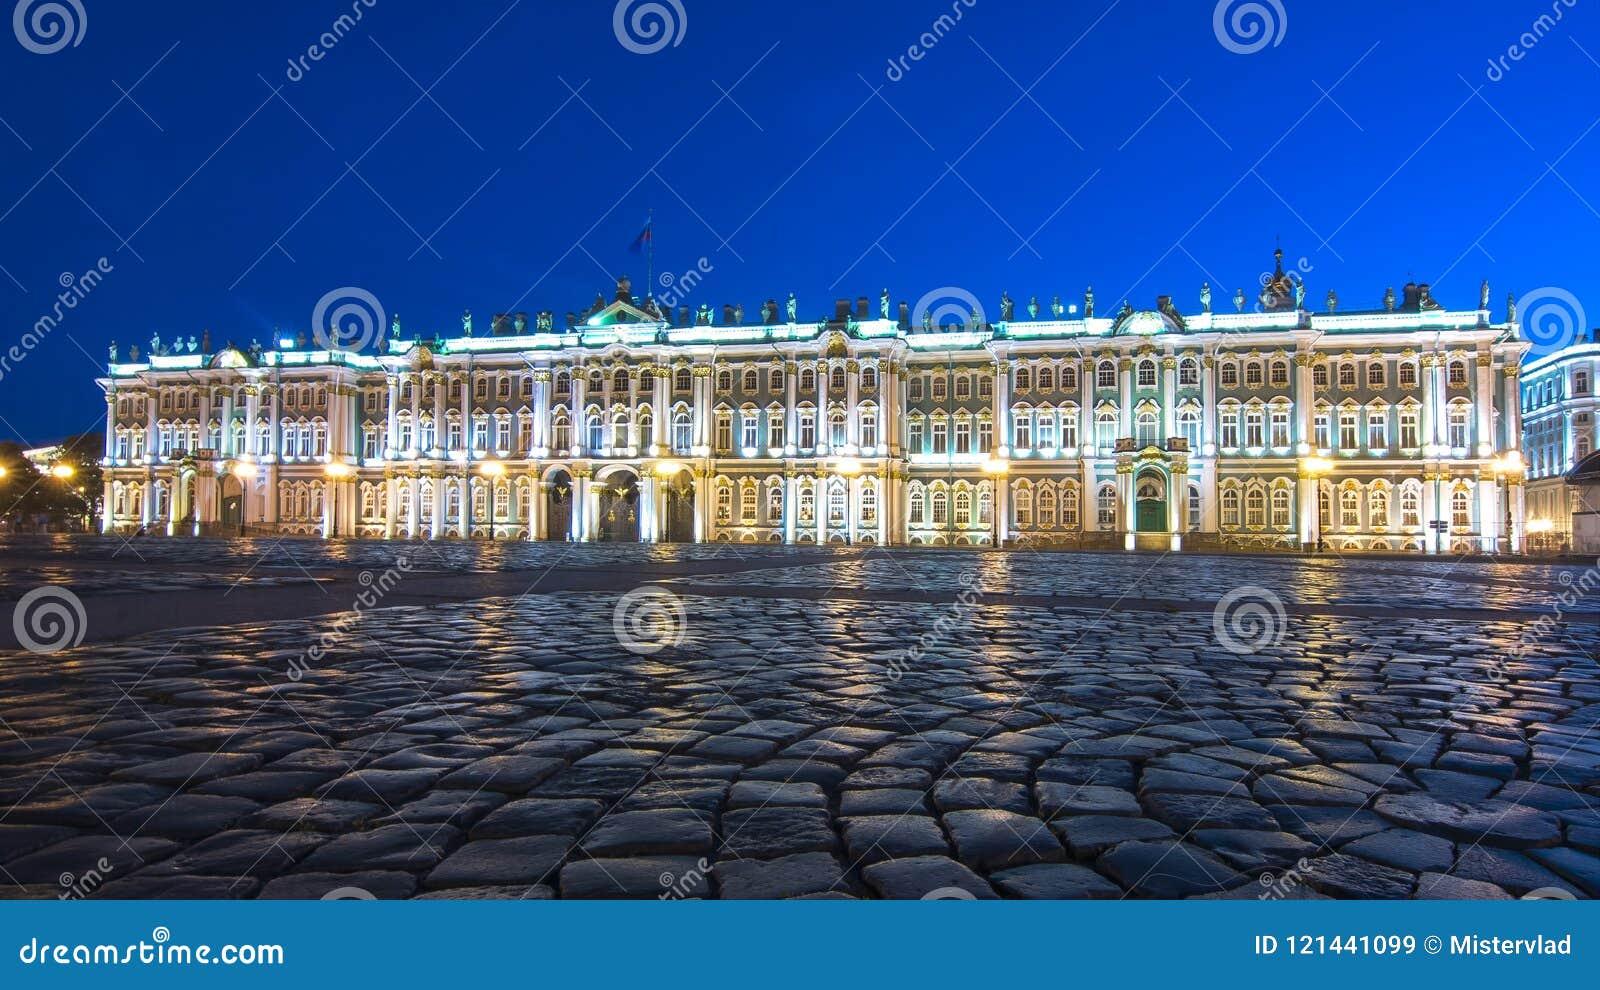 Χειμερινό παλάτι μουσείων ερημητηρίων στο τετράγωνο παλατιών τη νύχτα, Άγιος Πετρούπολη, Ρωσία